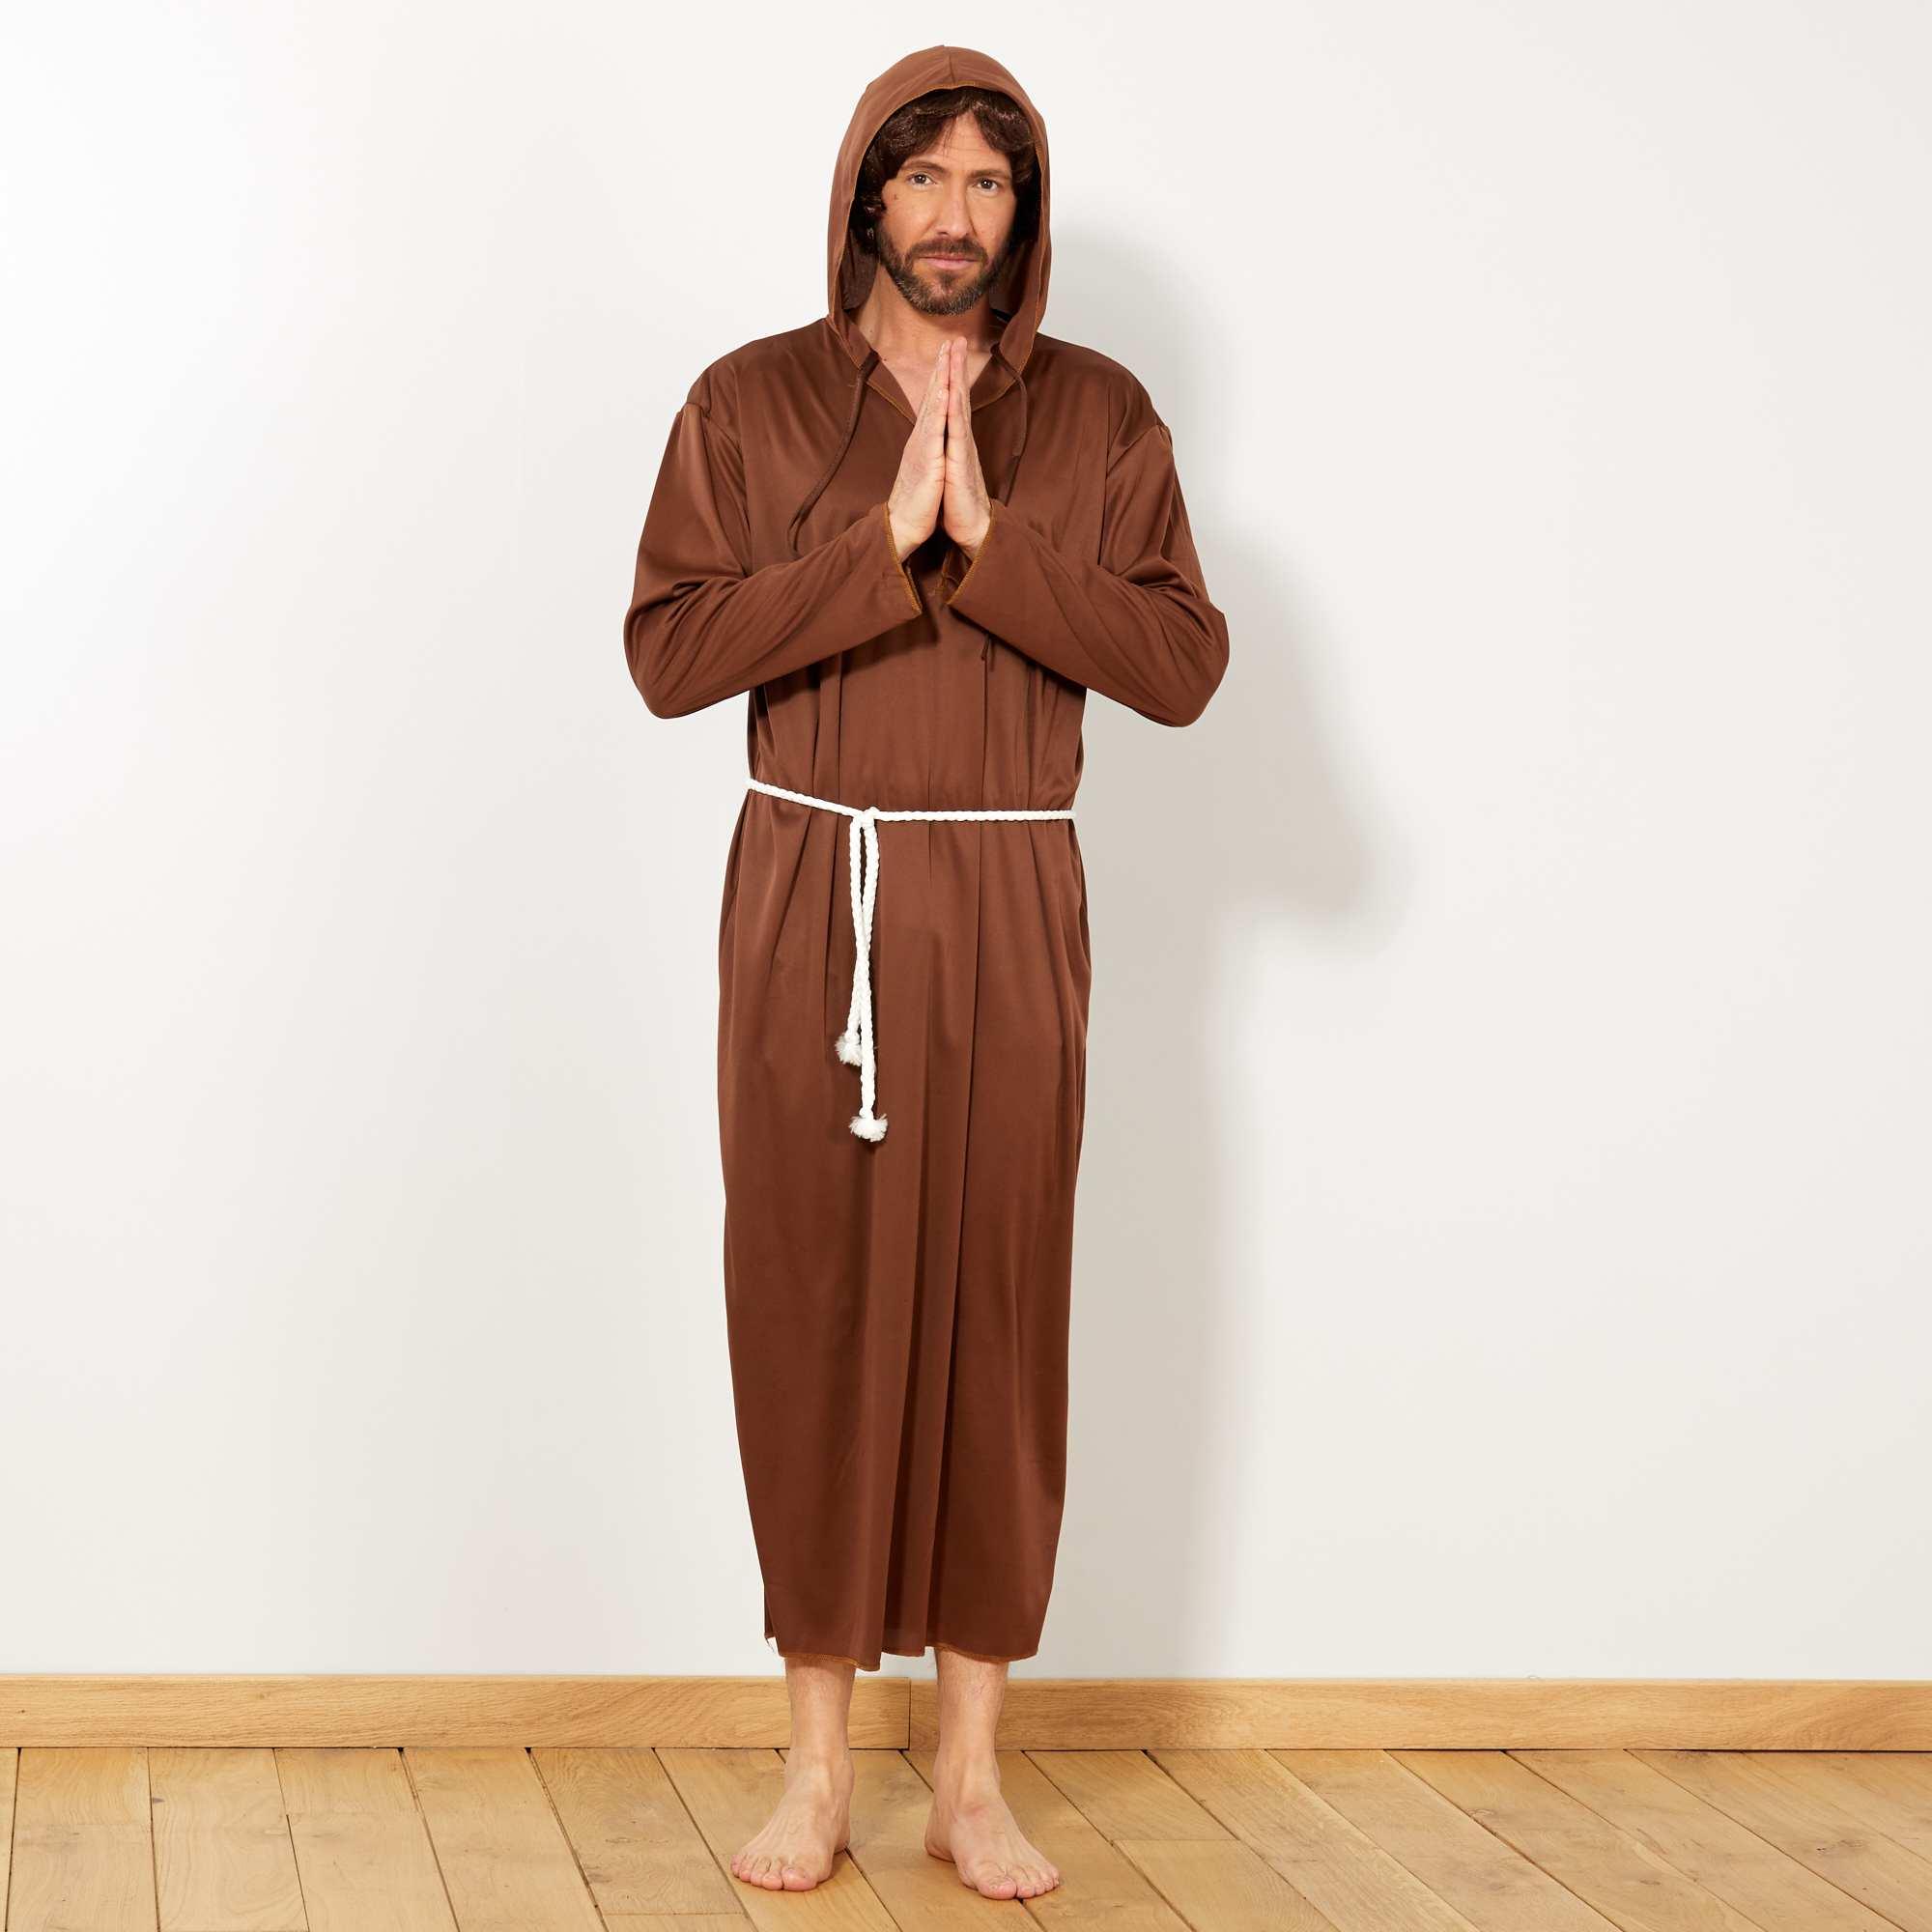 Couleur : marron, , ,, - Taille : TU, , ,,Ne passez pas inaperçu avec ce déguisement de moine ! Le set comprend une robe avec